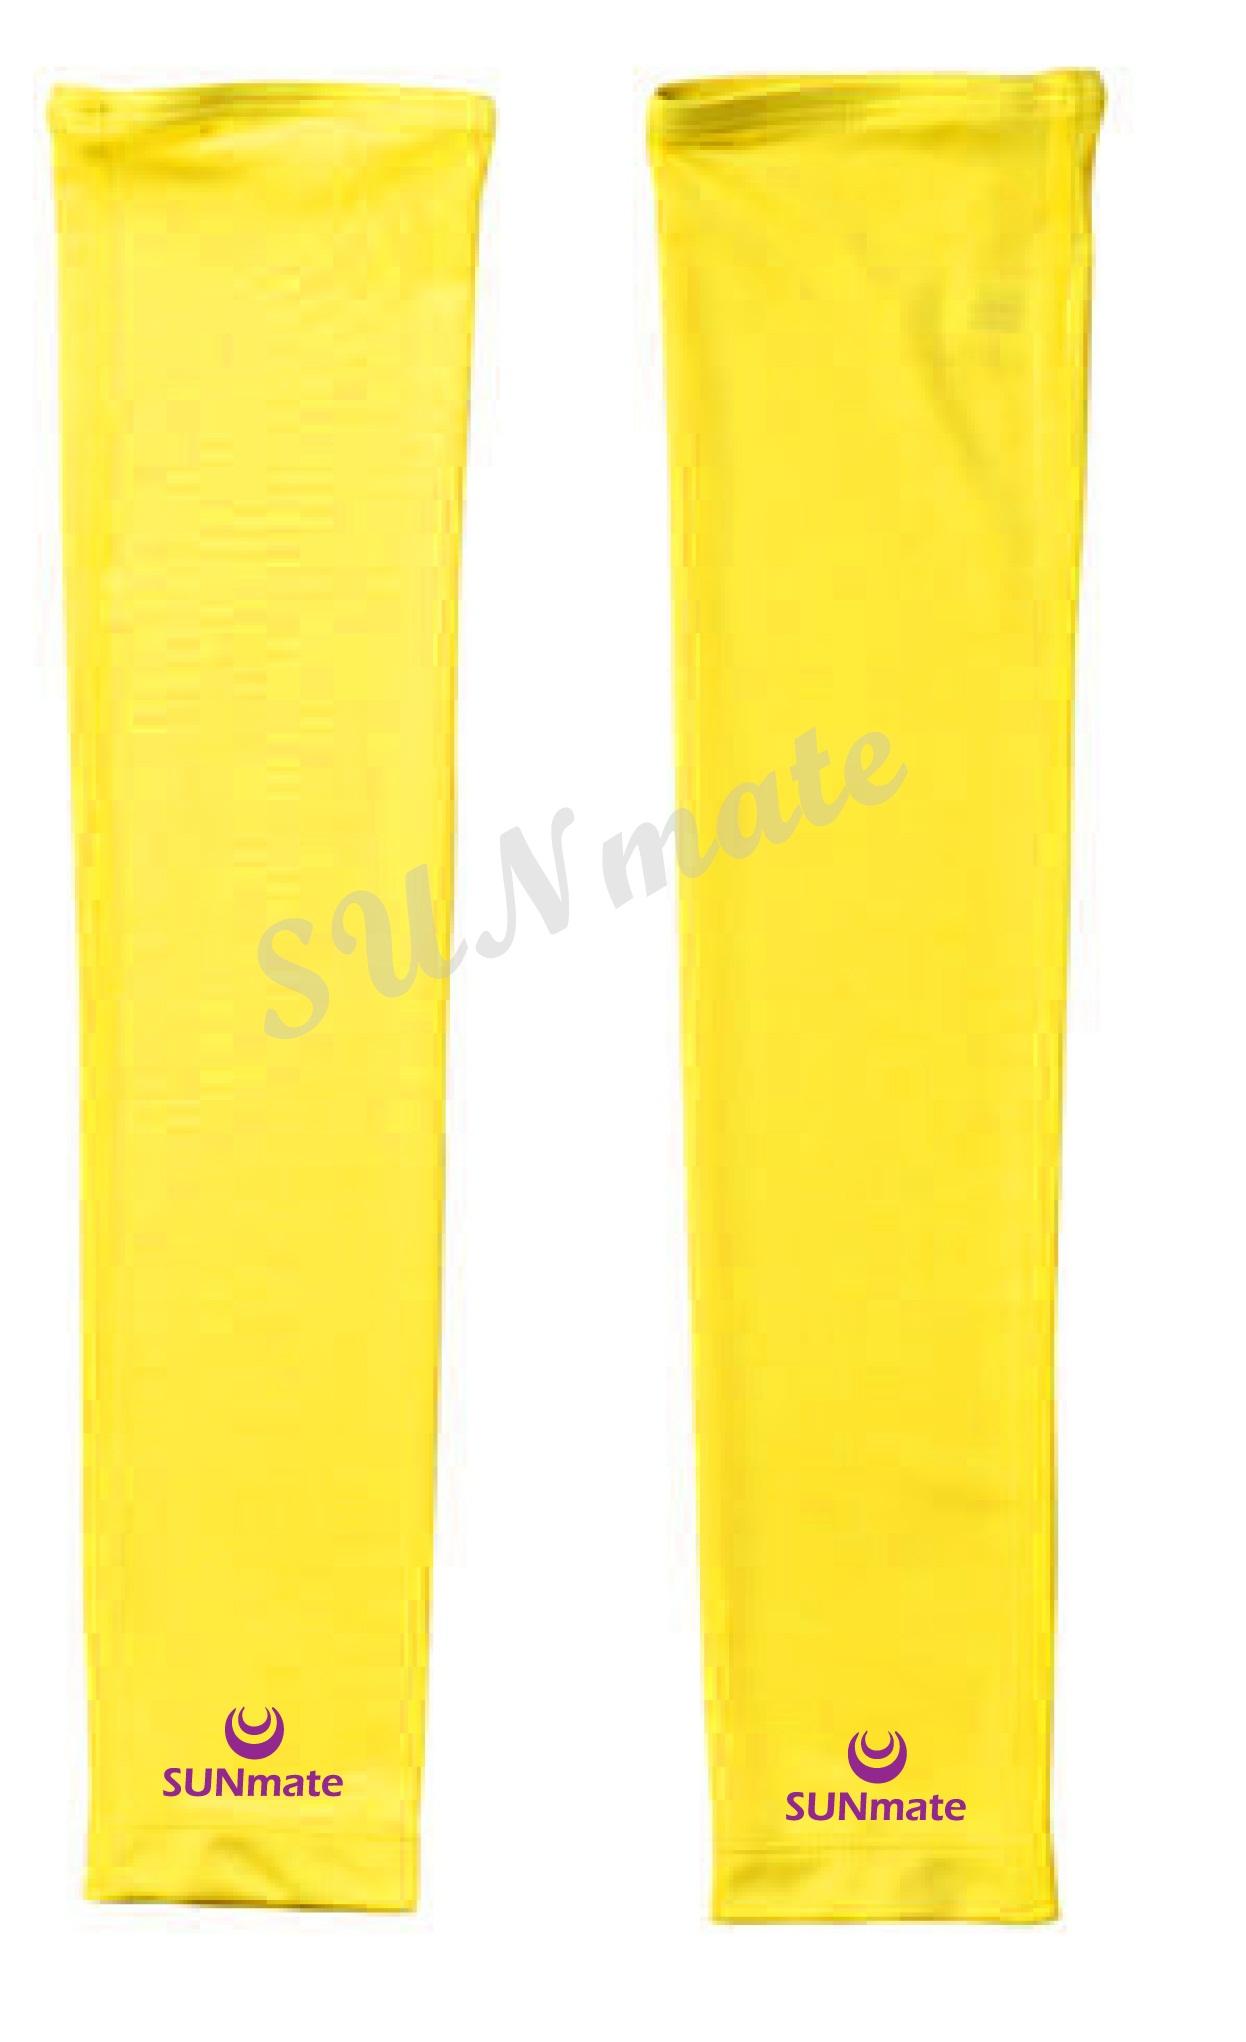 ปลอกแขนกัน UV size XXL : Yellow moon